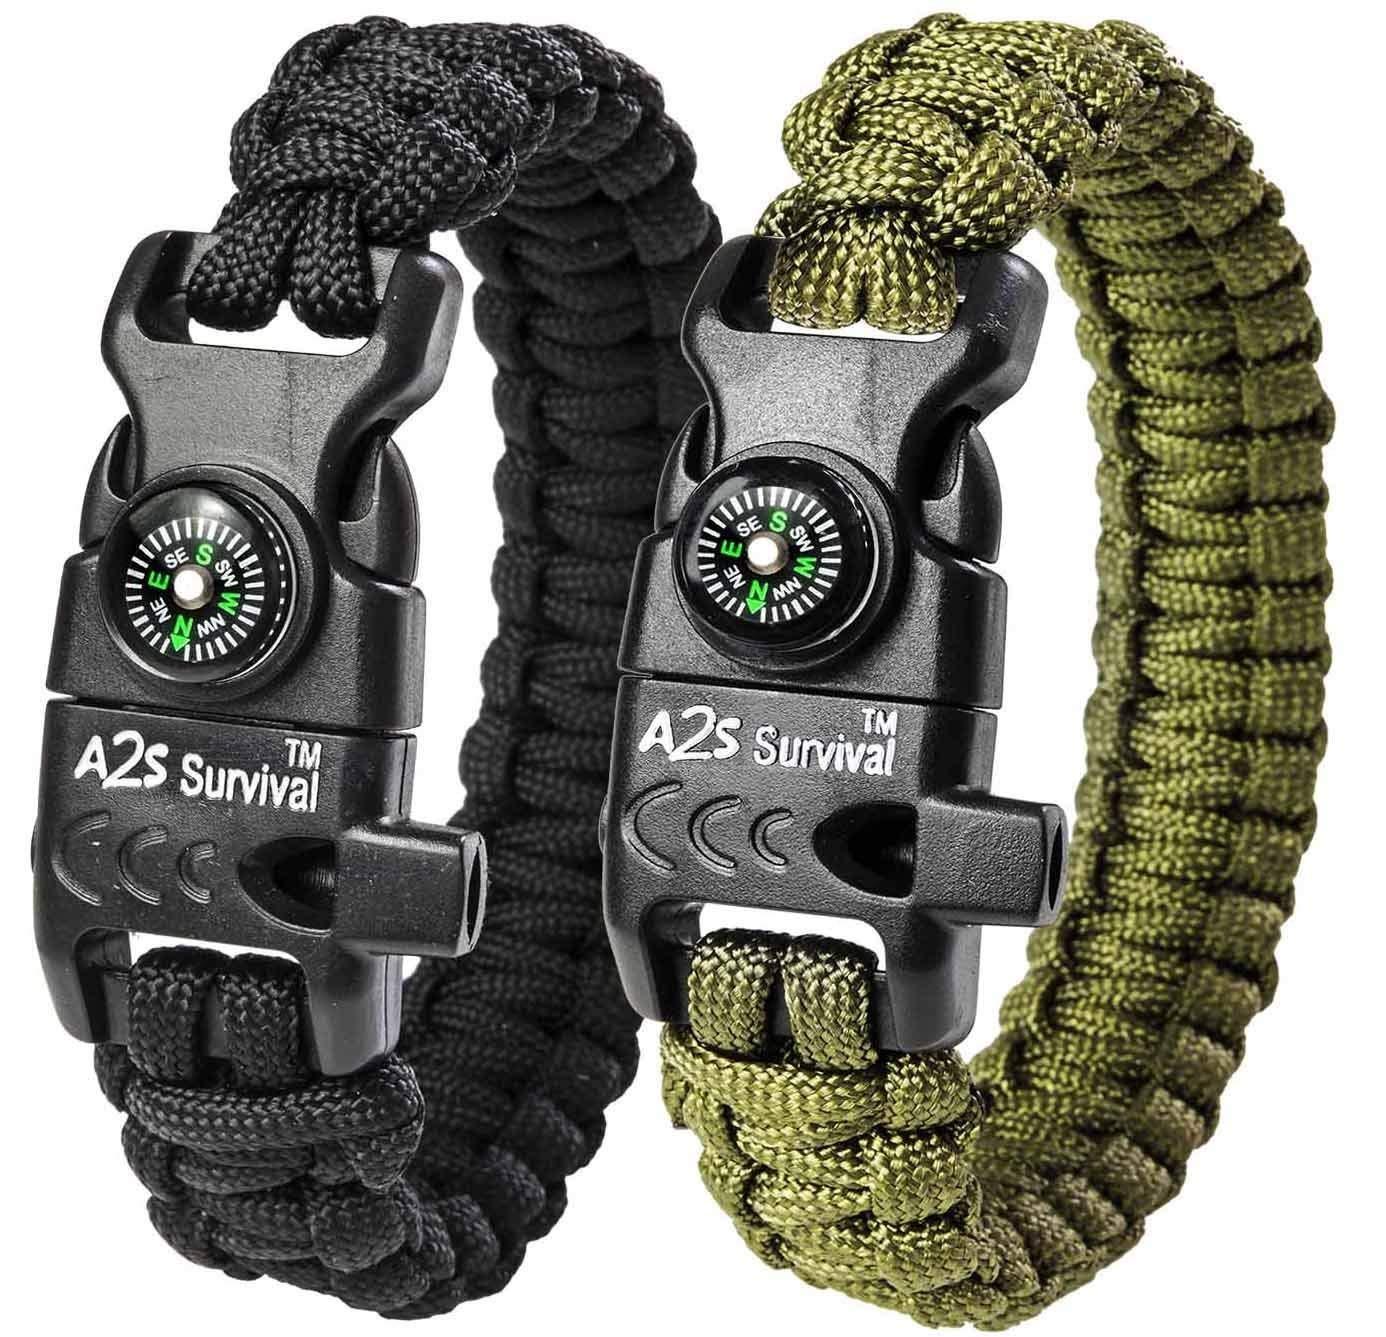 Paracord Bracelet survival tool